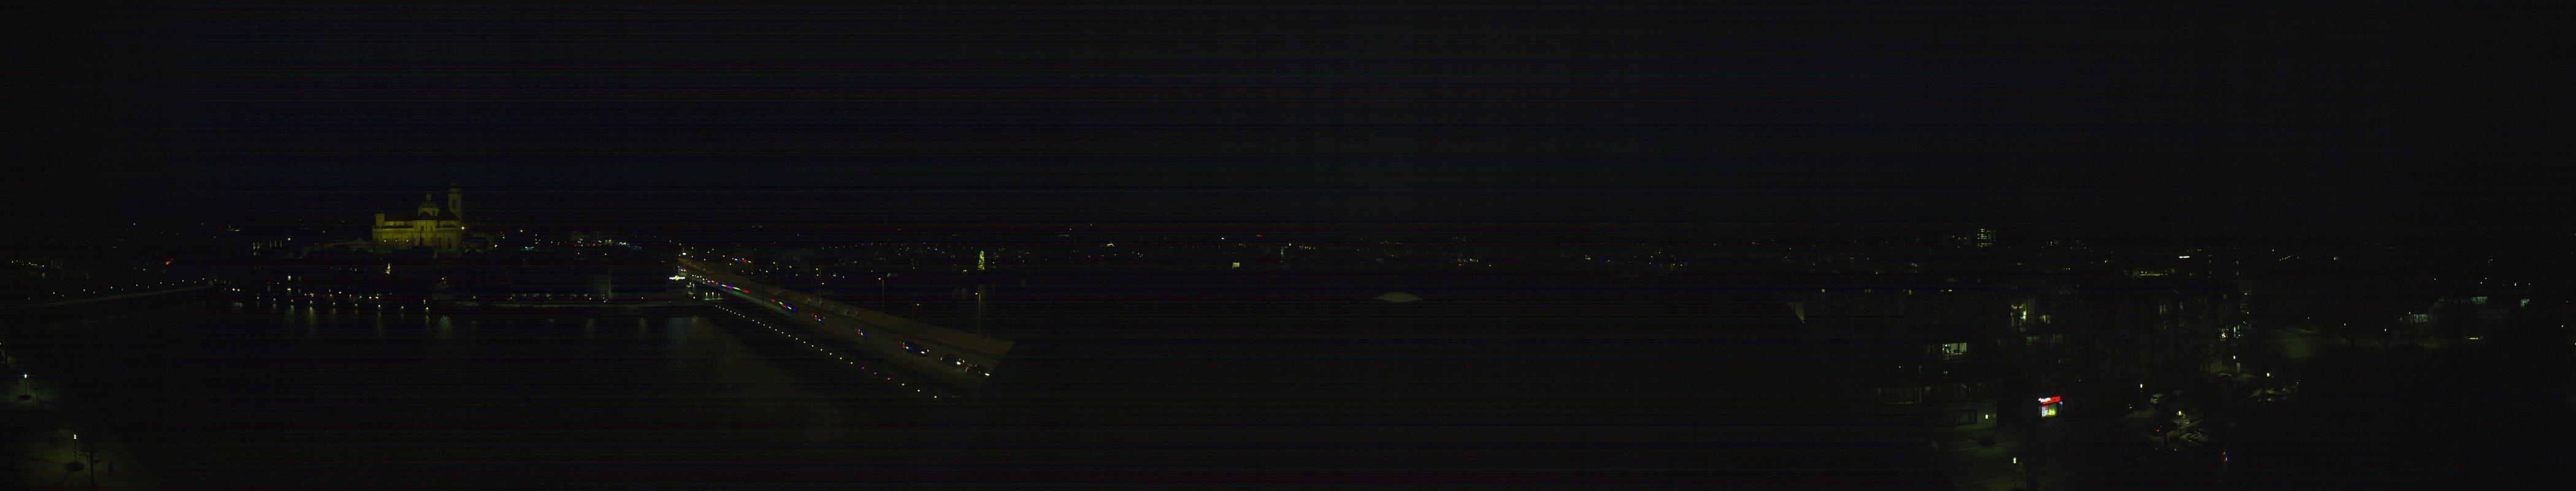 23h ago - 17:30